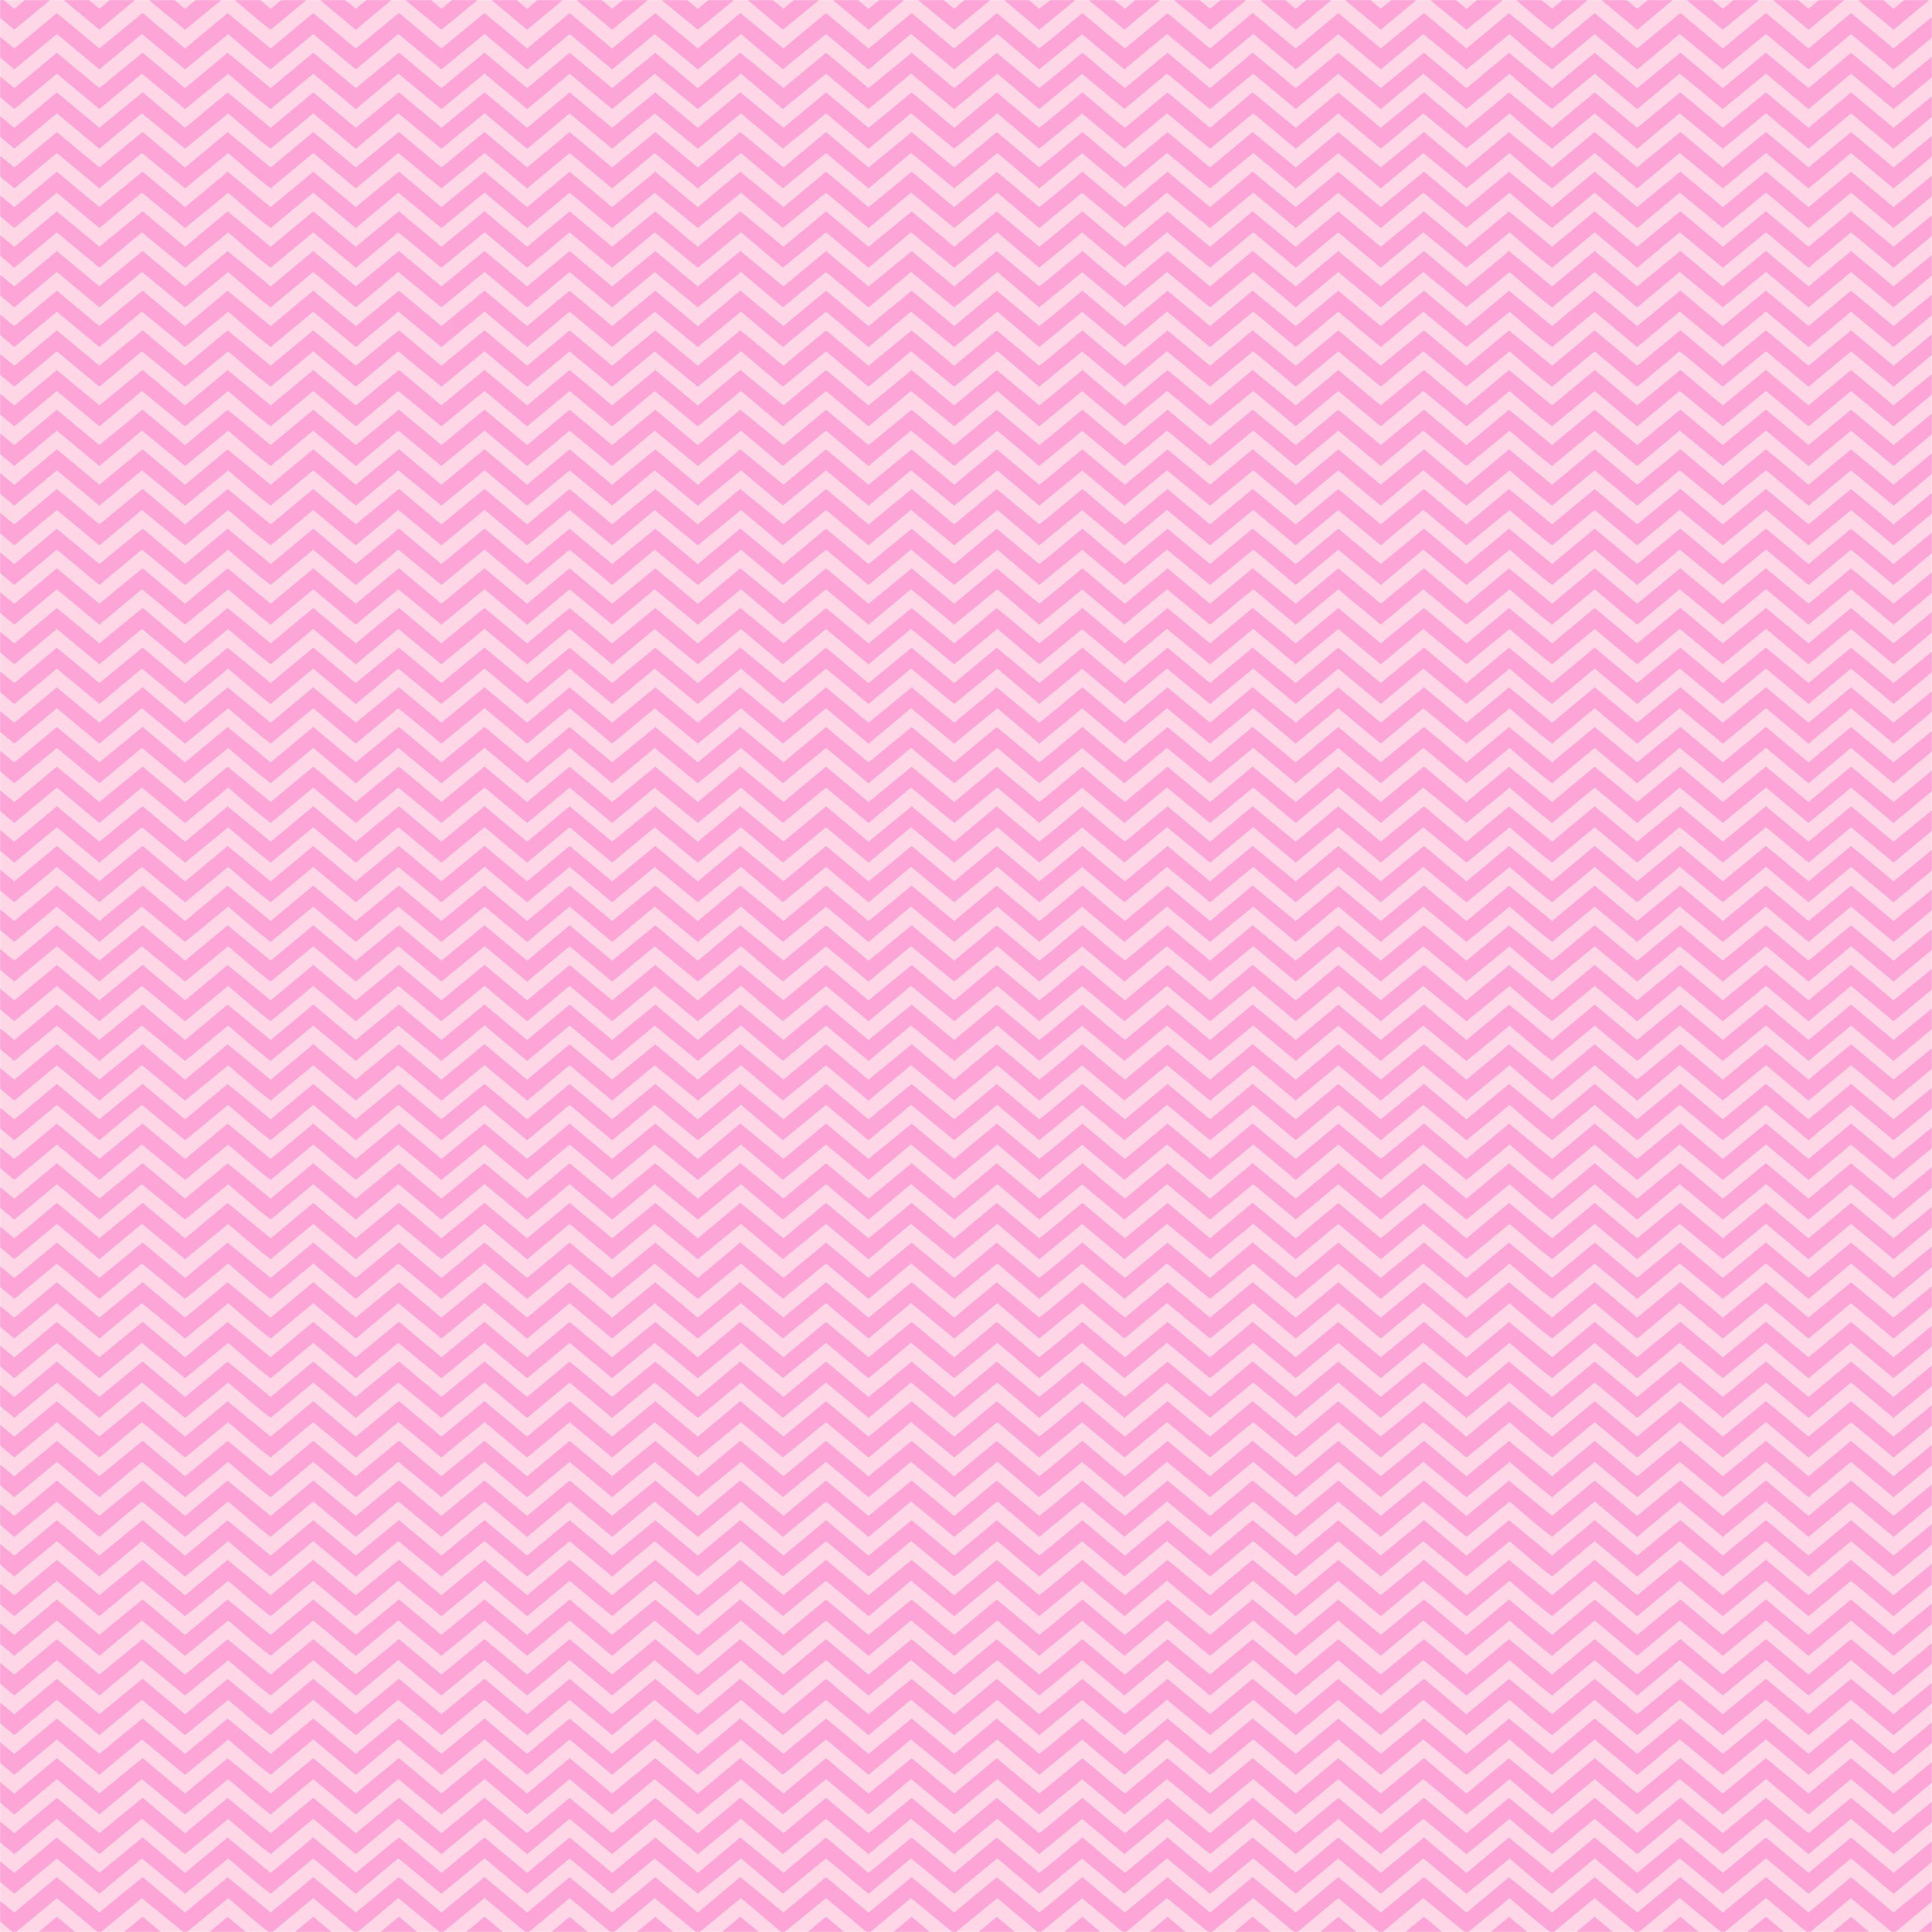 papel digital casa de bonecas rosa 4